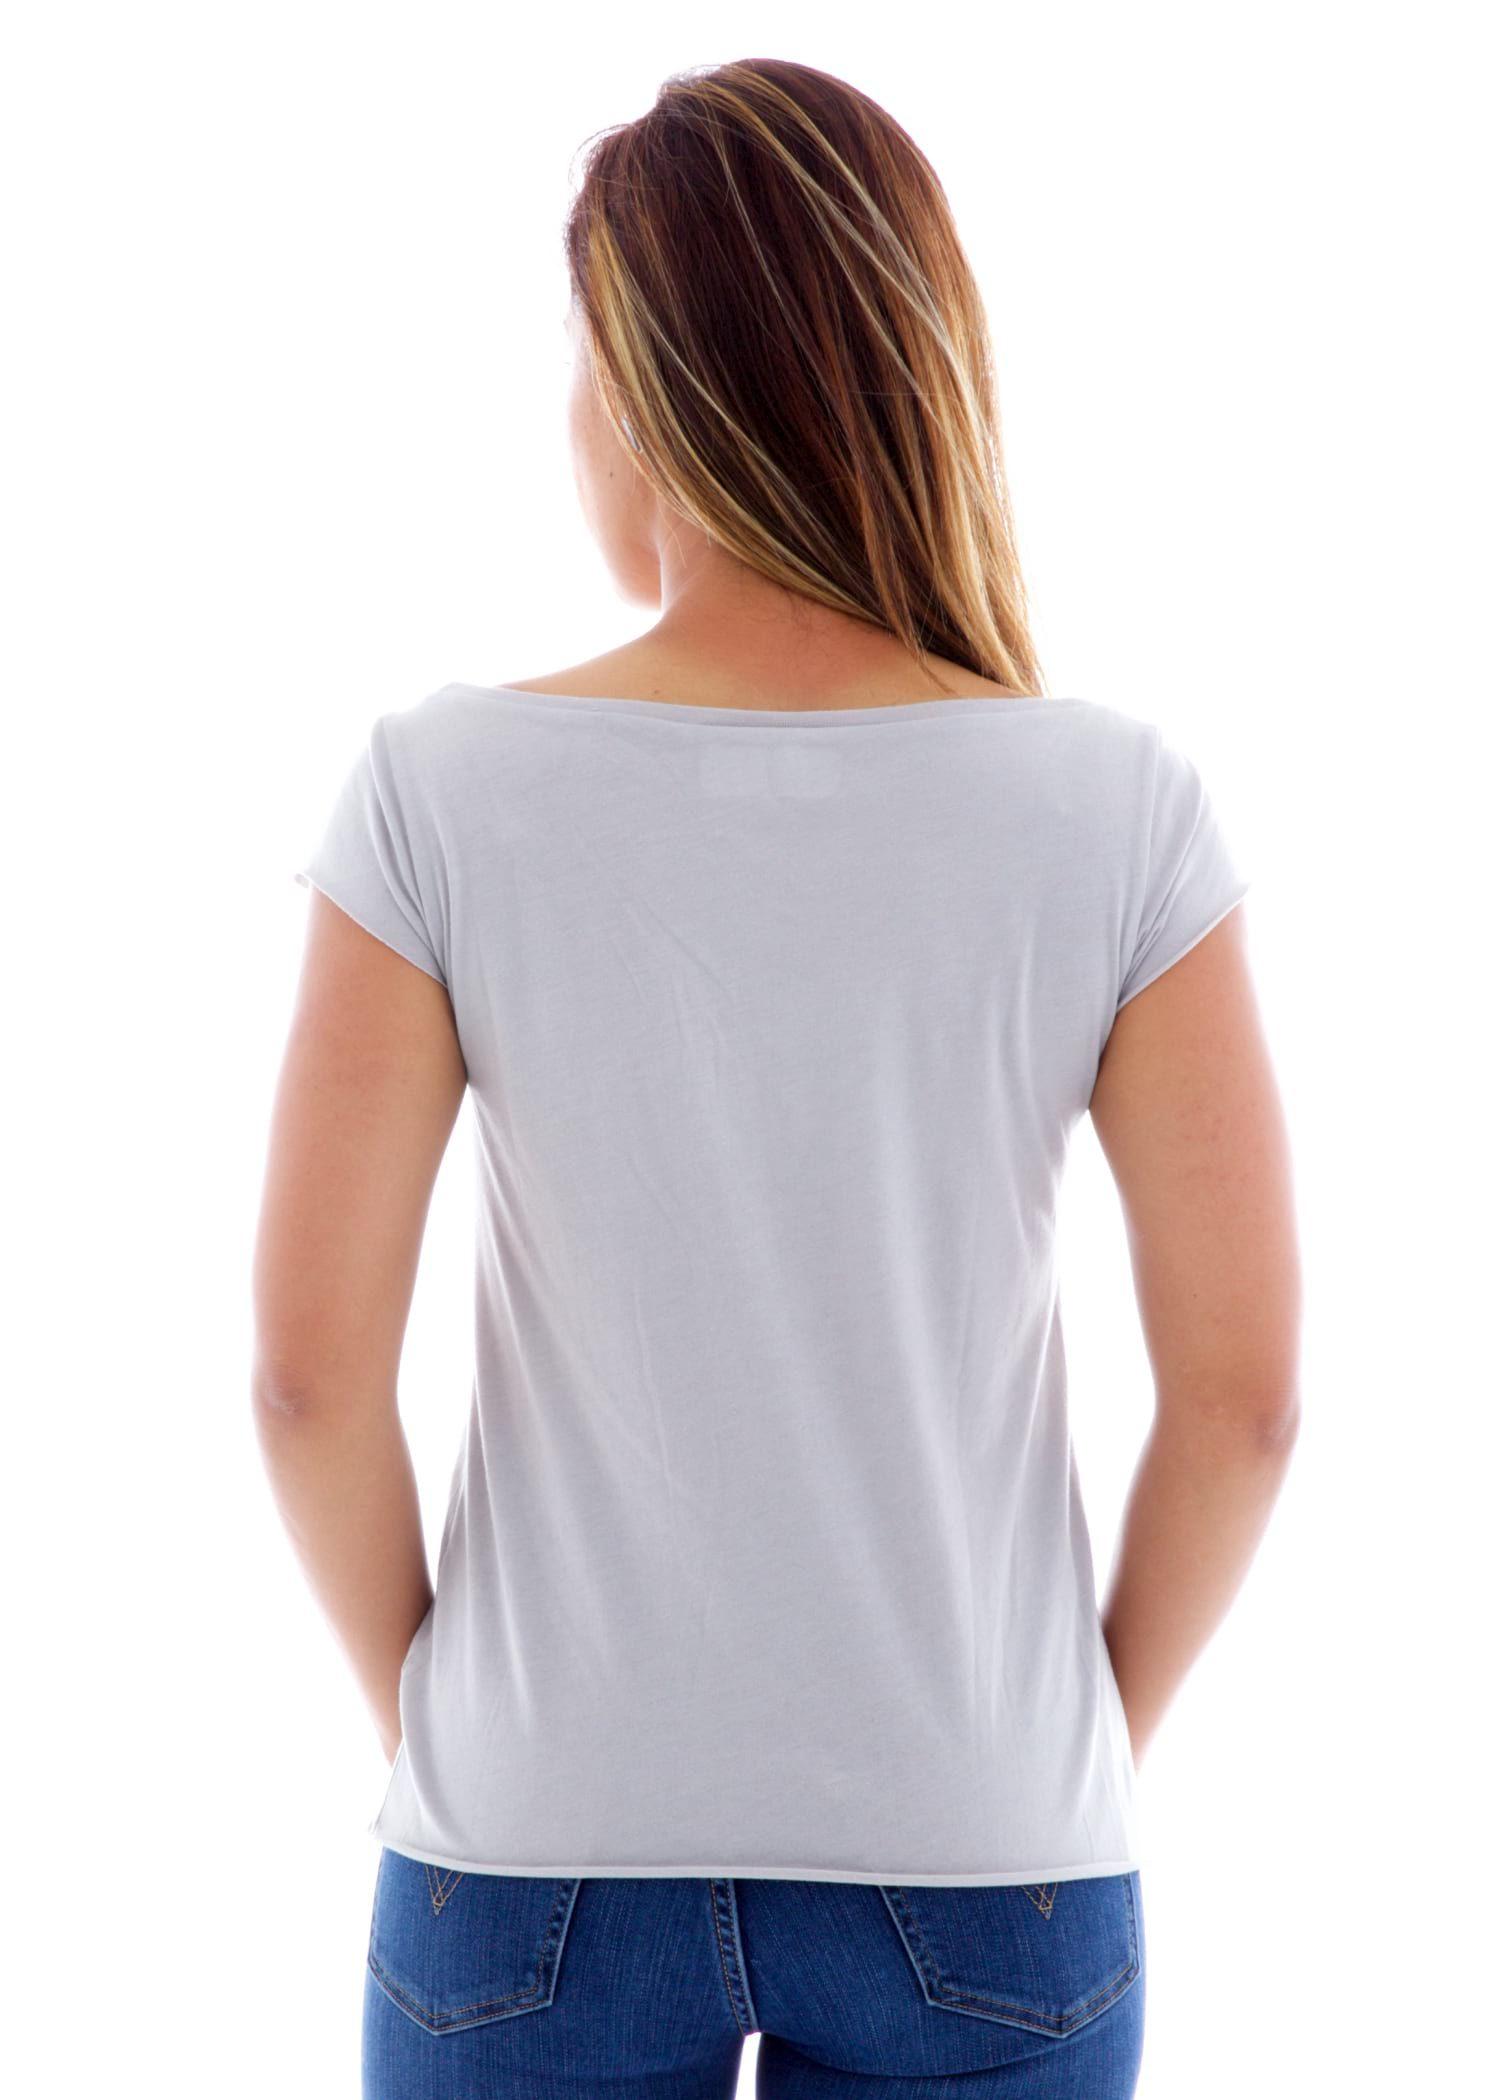 Rocker Muscle Crew Short Sleeve T-Shirt Back View